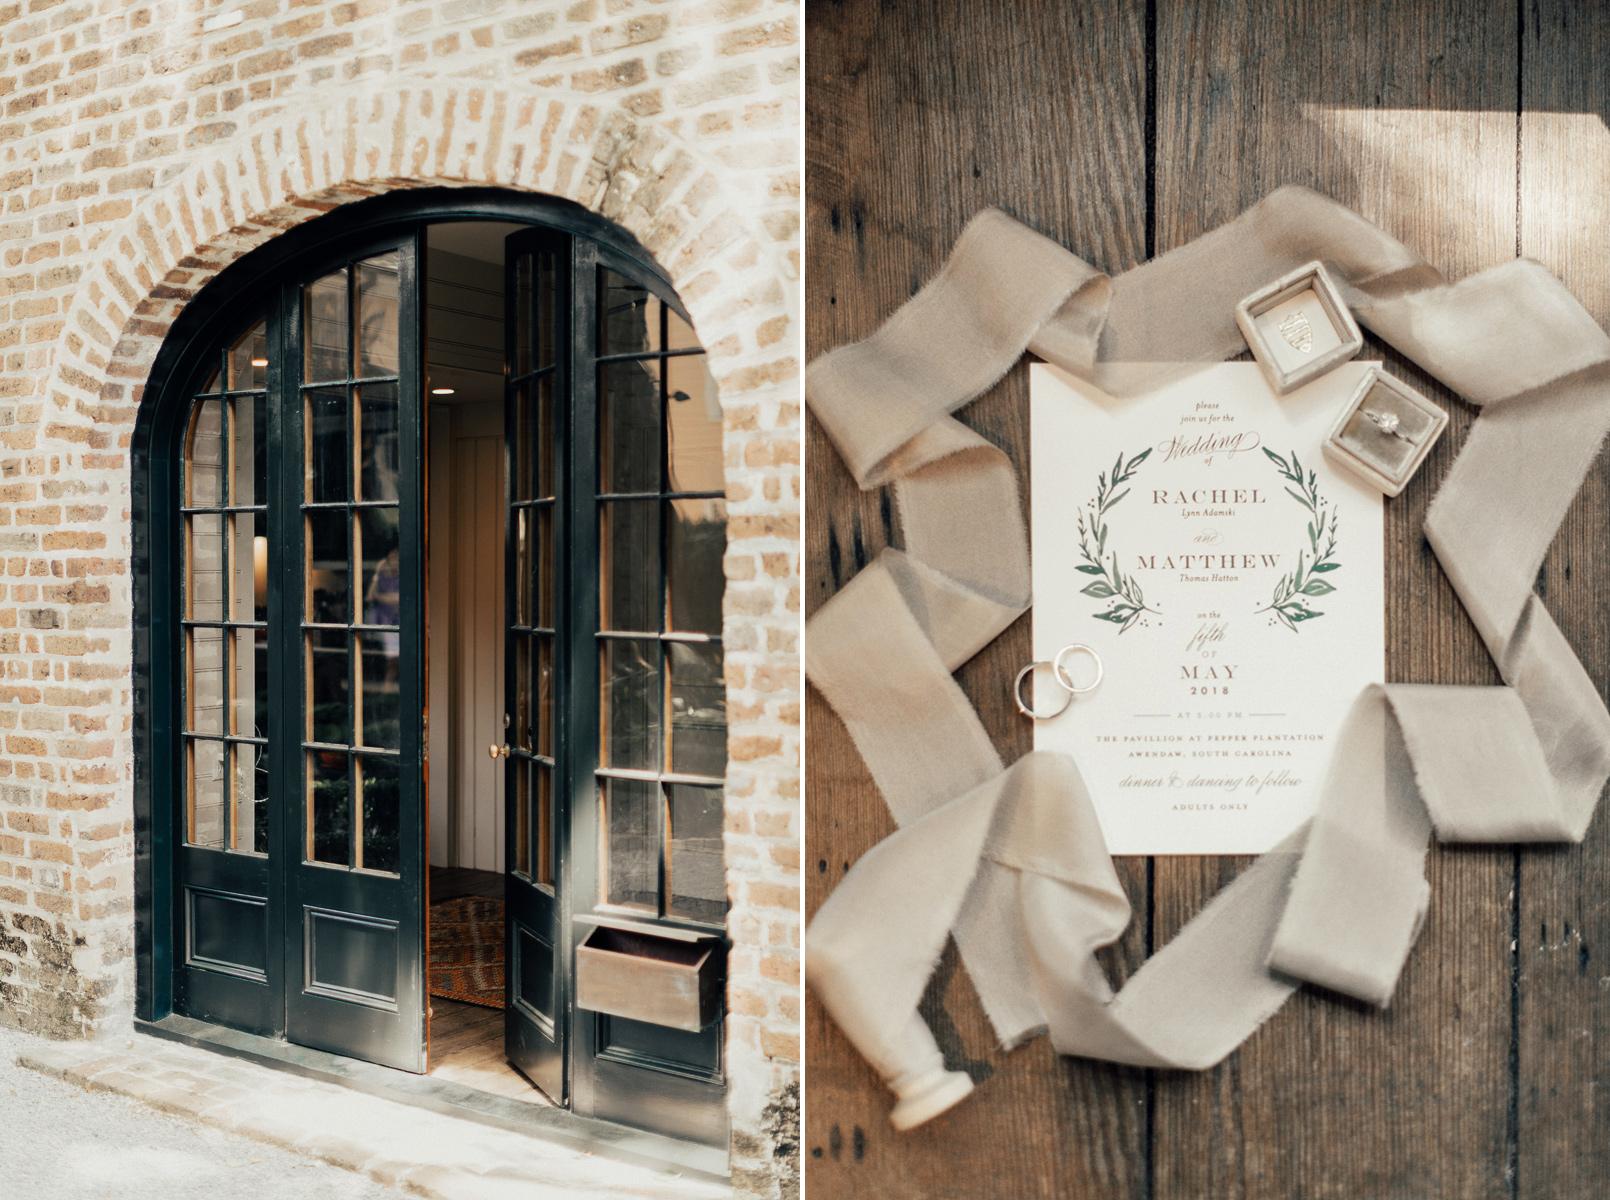 rachel-matthew-charleston-sc-wedding-details-1.jpg